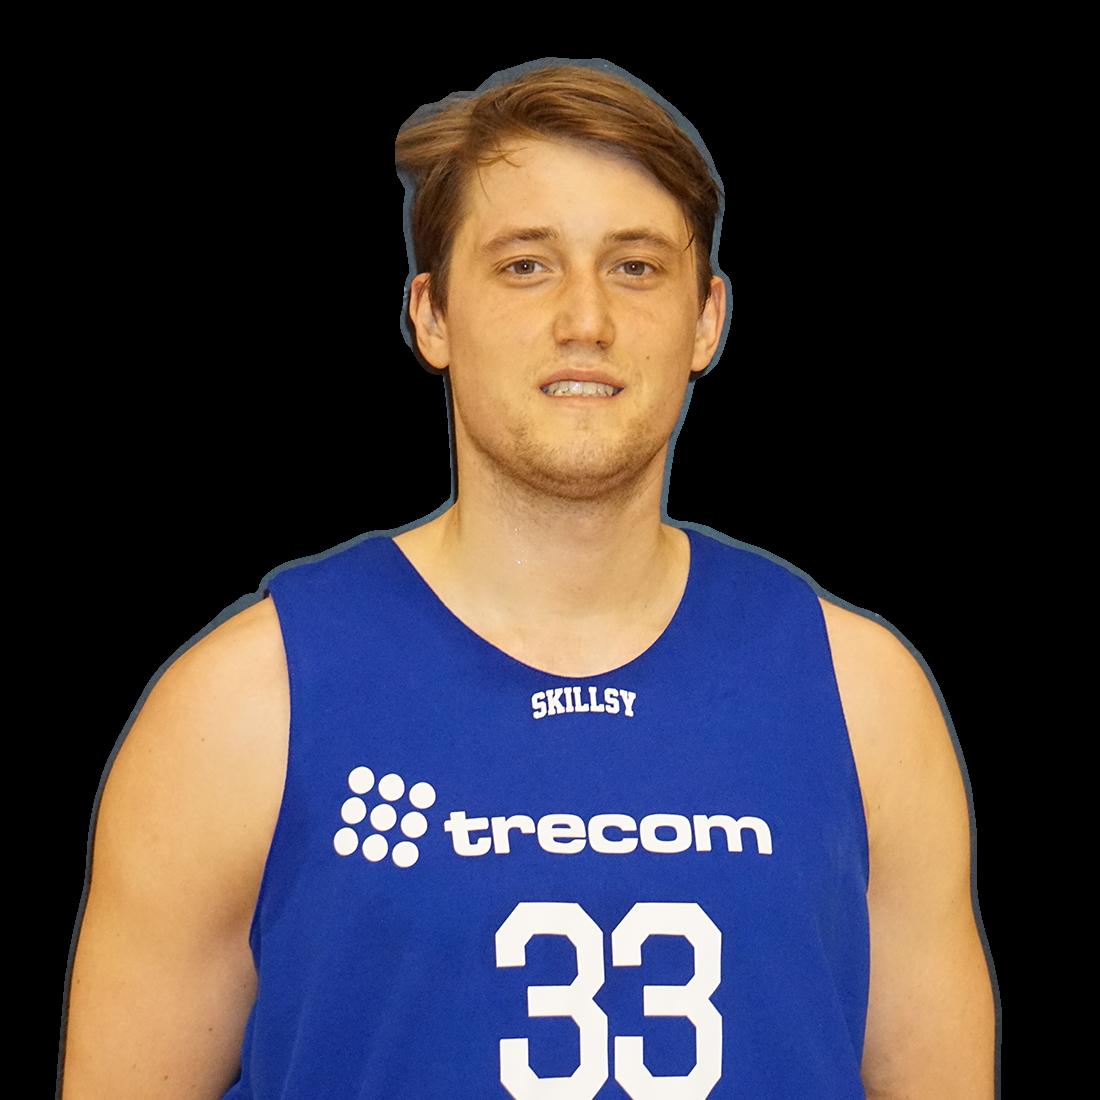 Paweł Lachowski